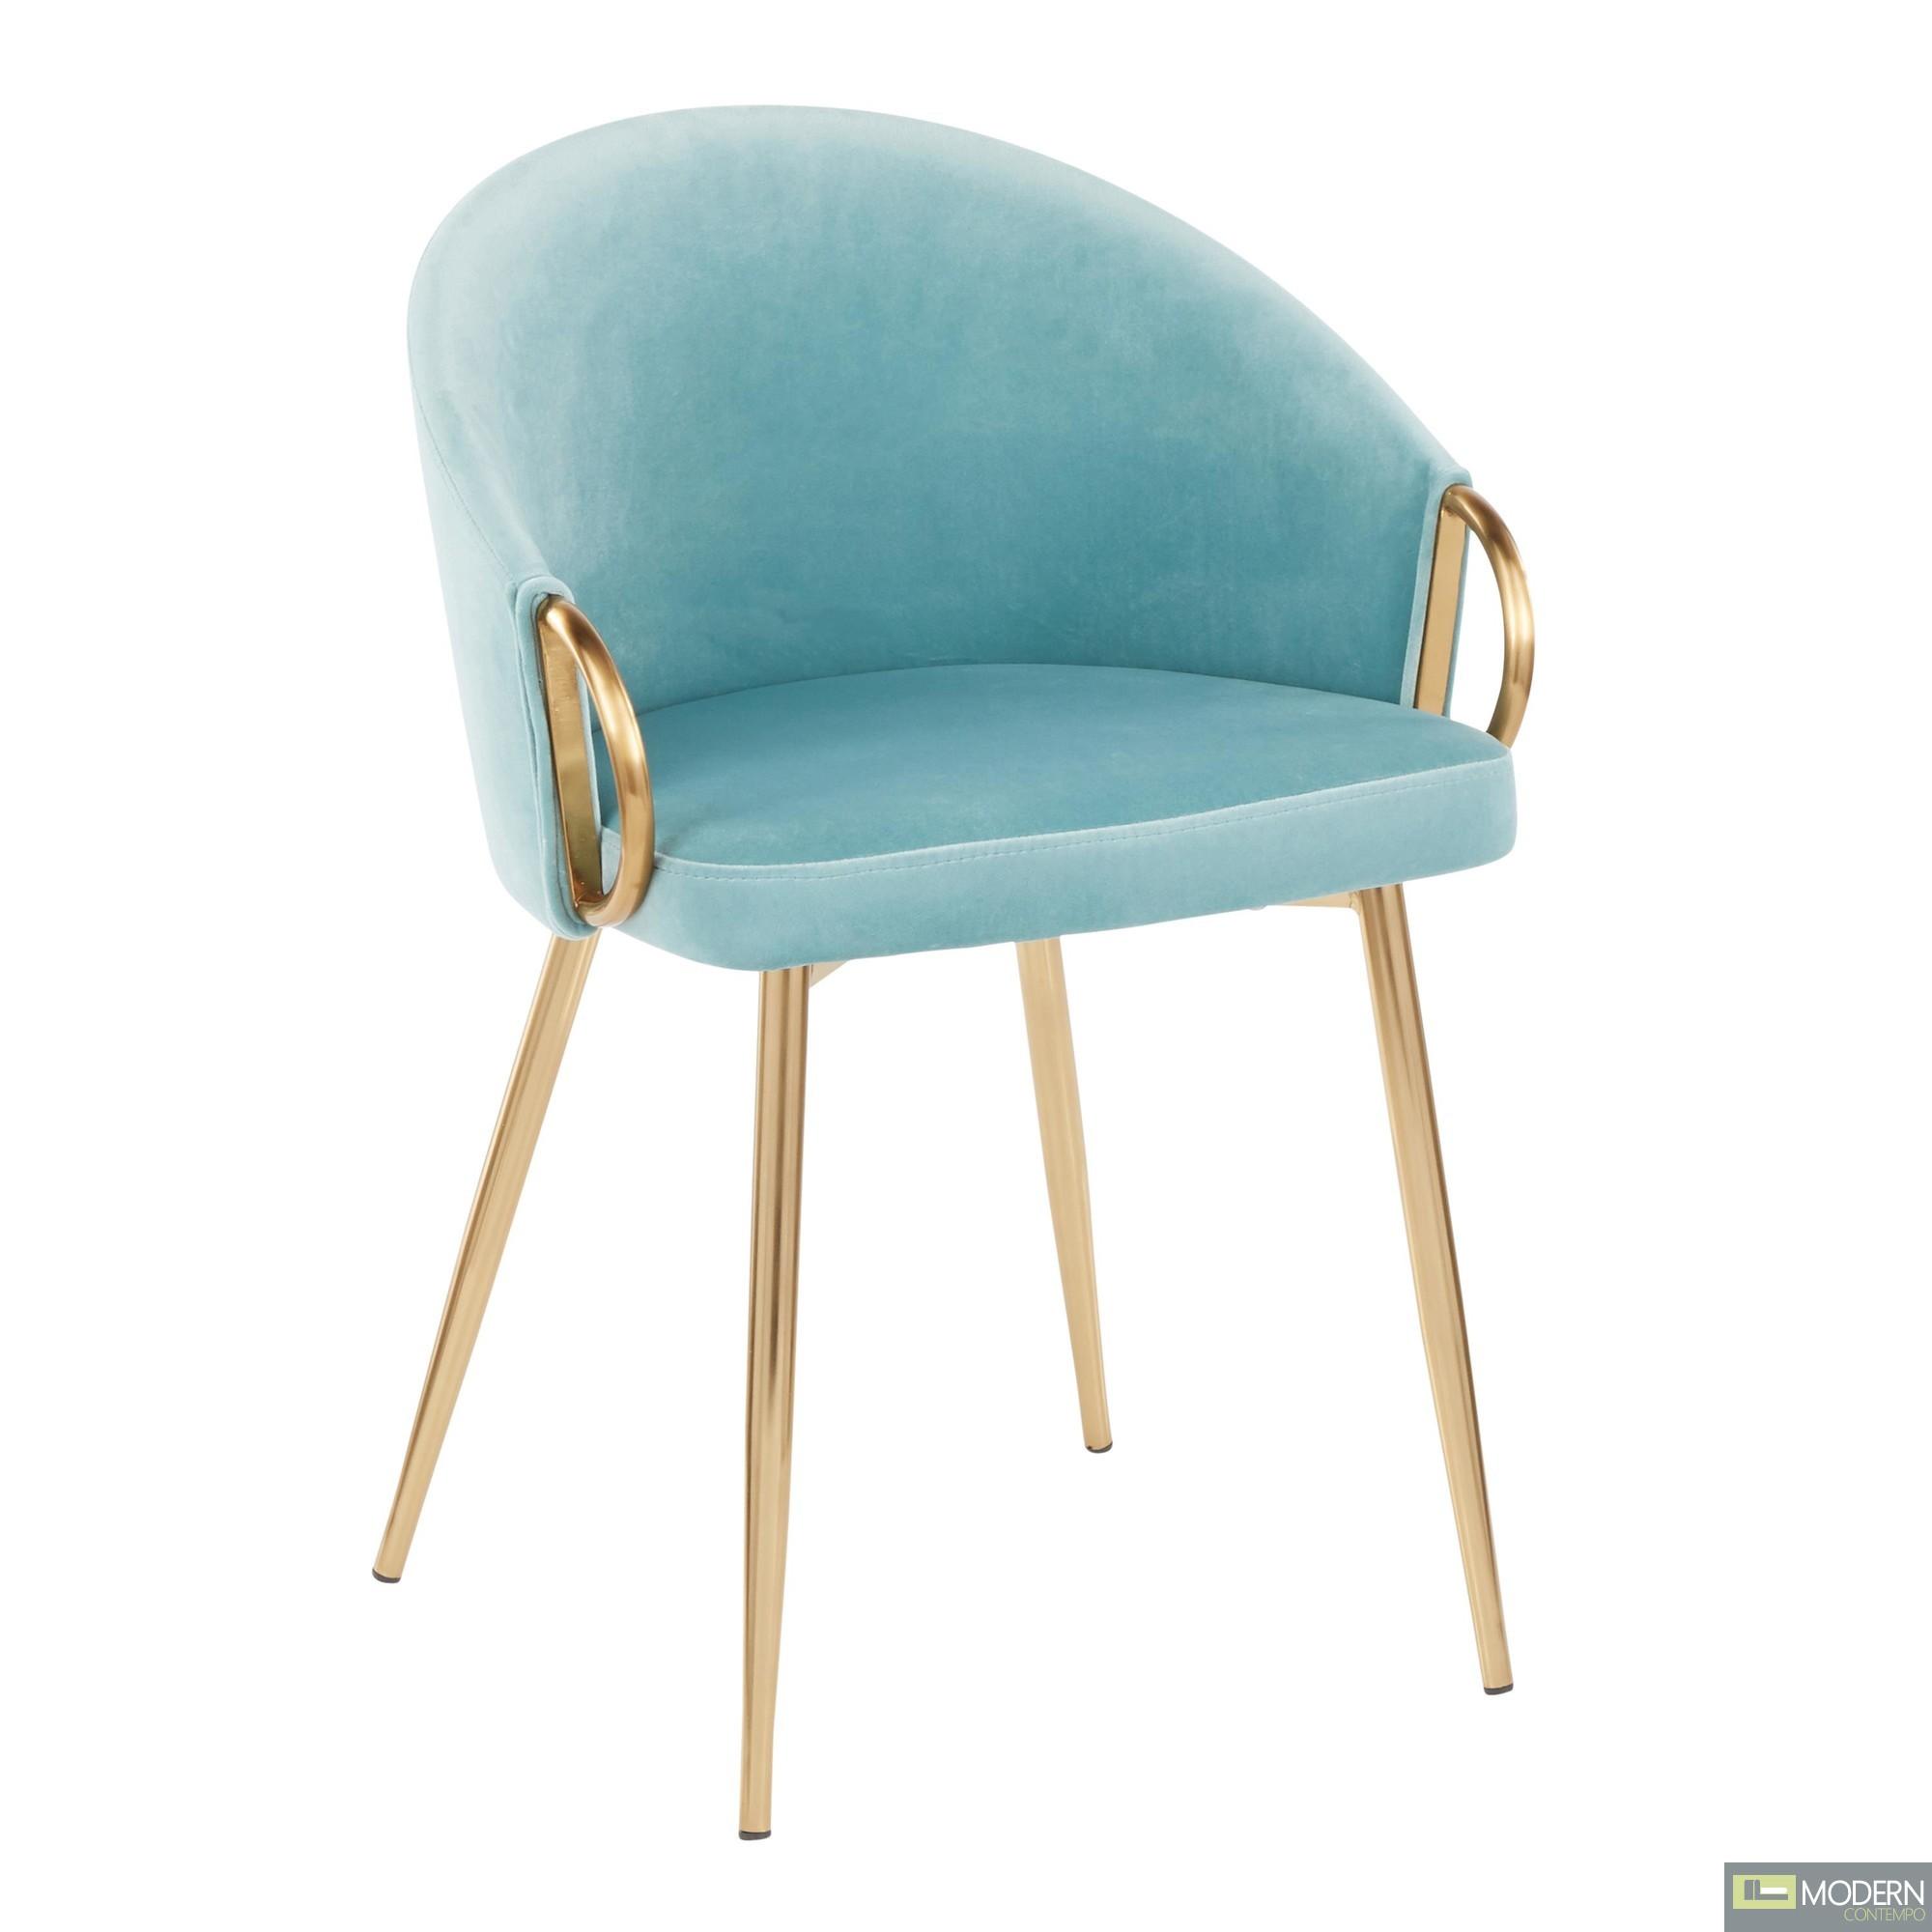 Aretha Chair, Gold Metal, Light Blue Velvet